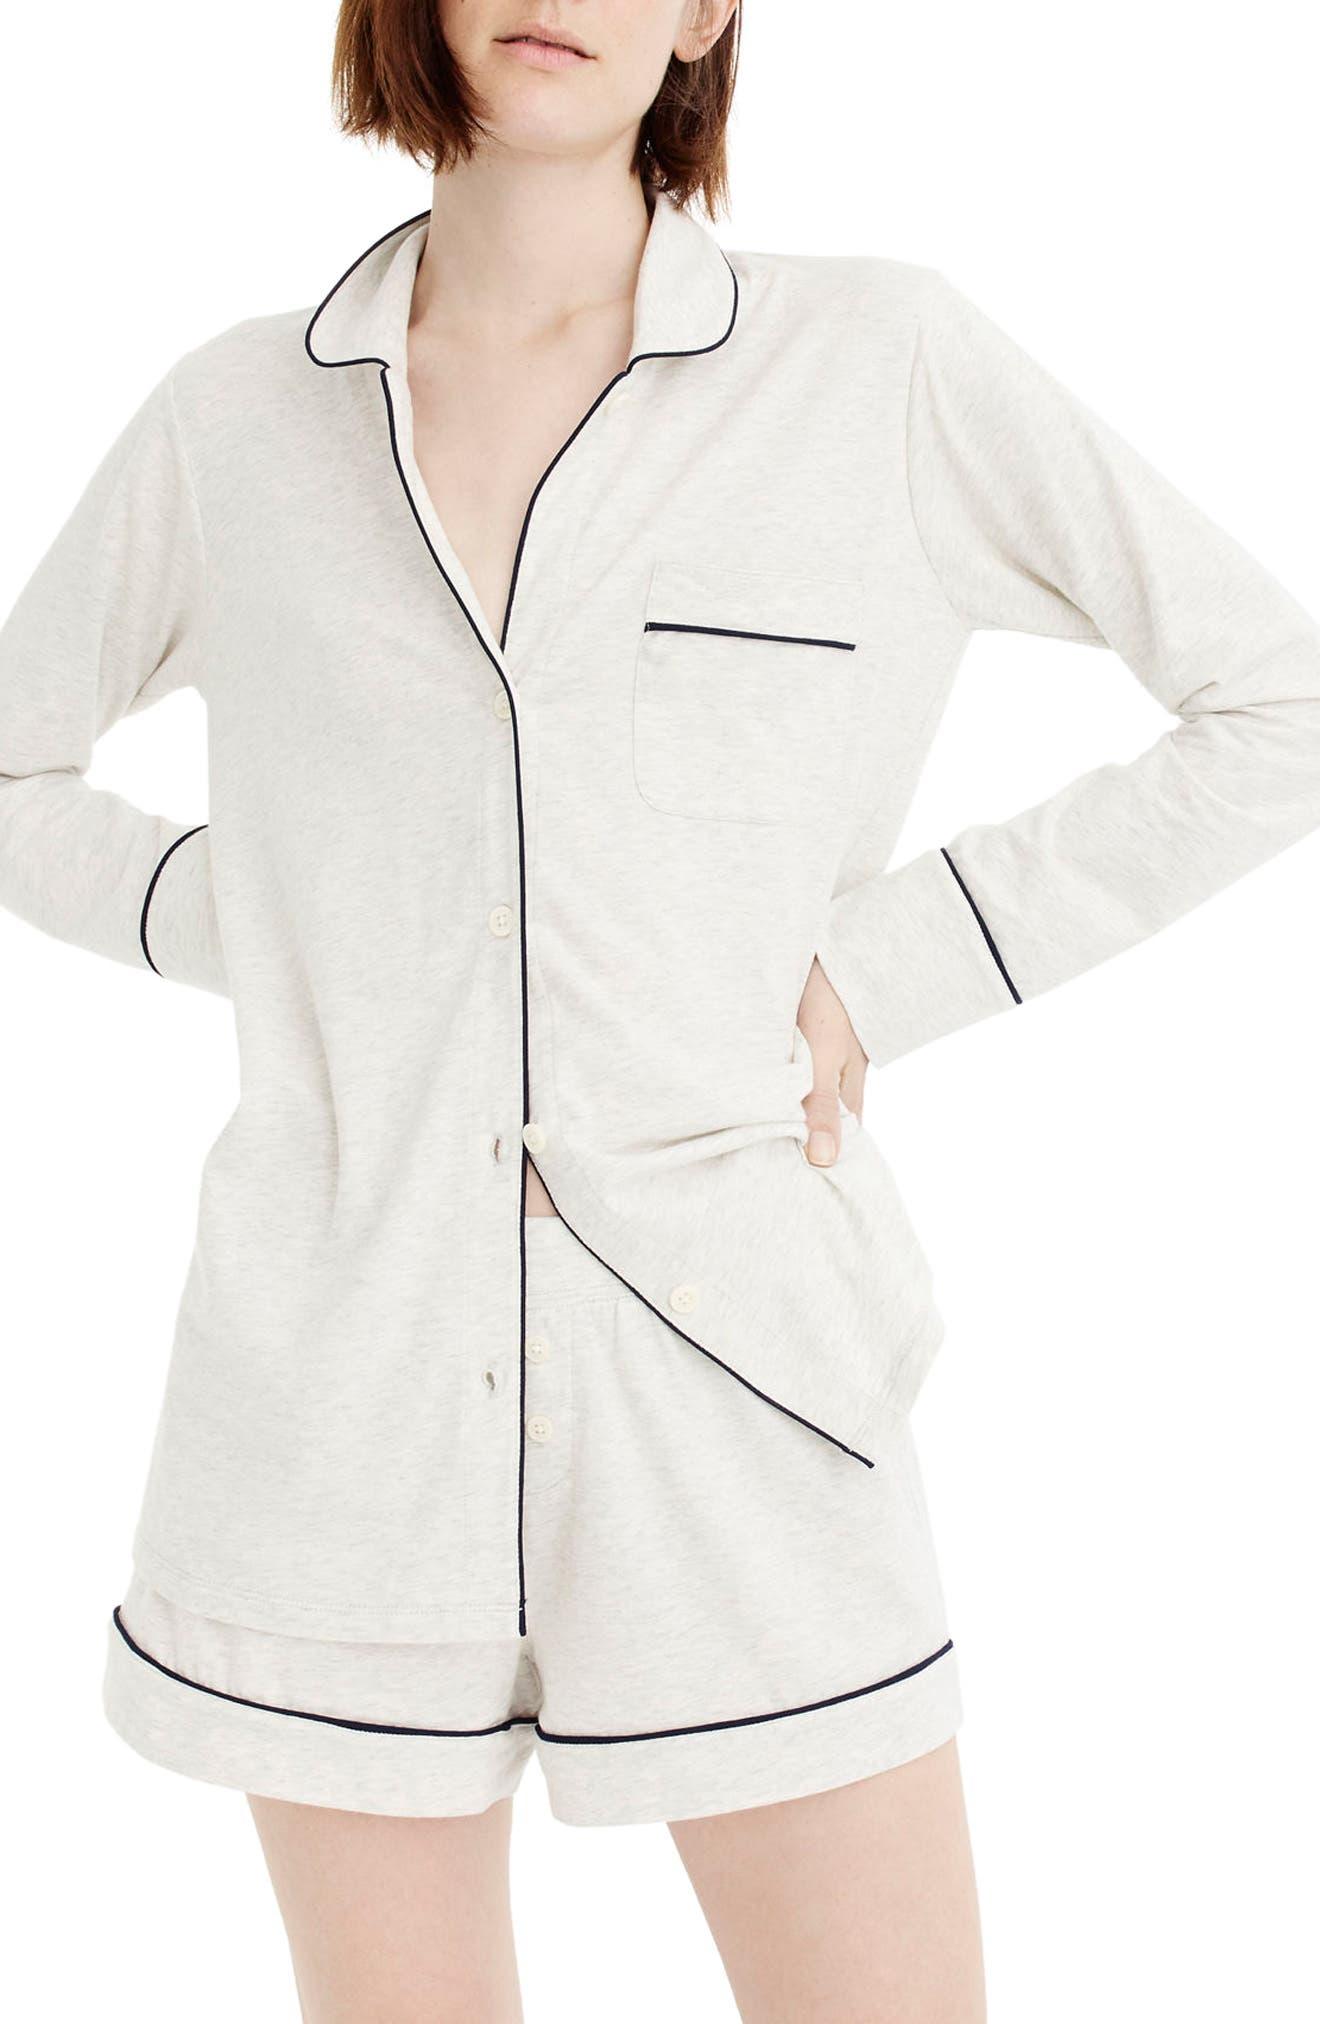 Alternate Image 1 Selected - J.Crew Dreamy Short Cotton Pajamas